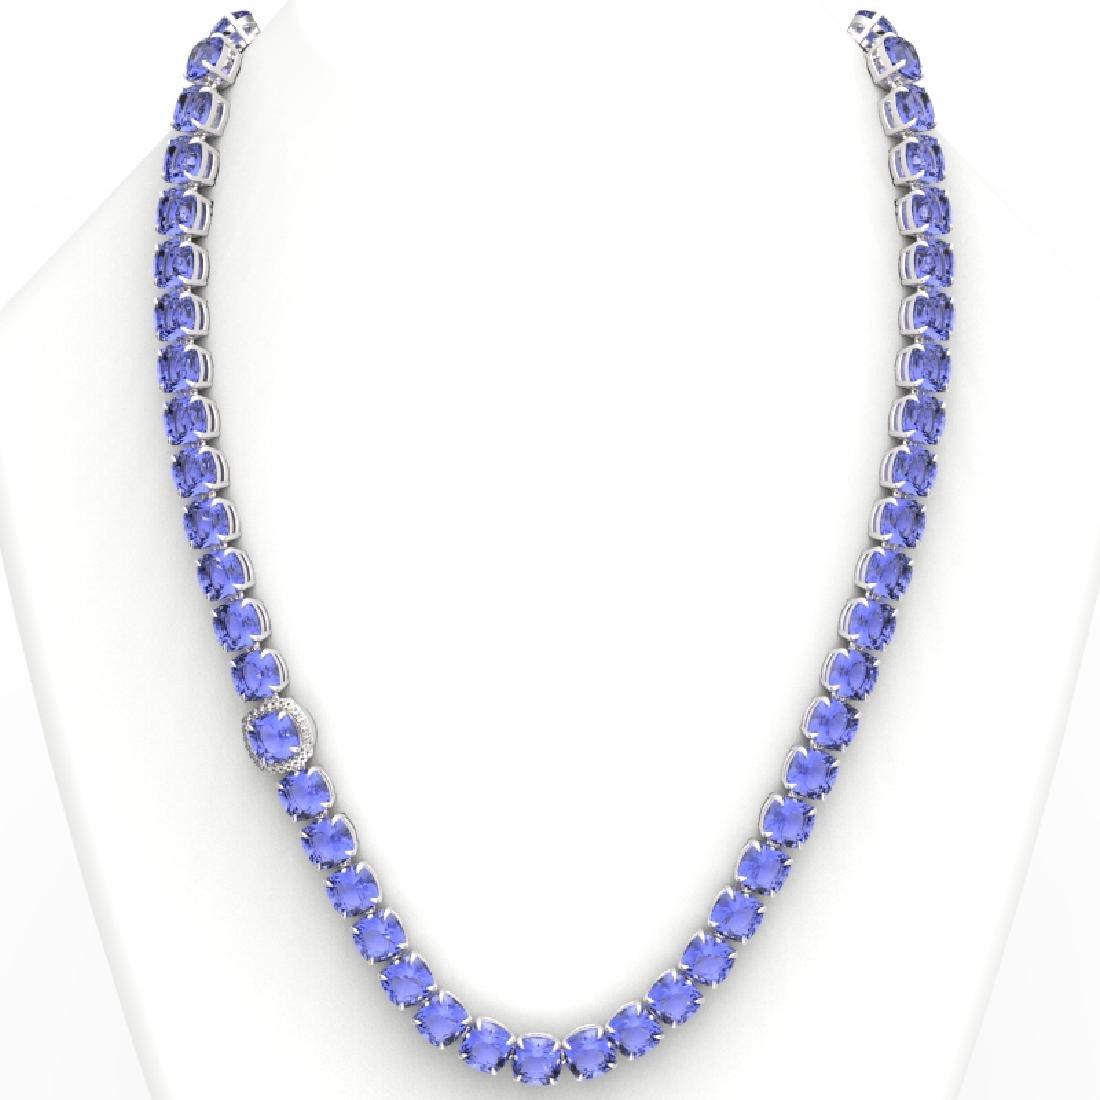 100 CTW Tanzanite & VS/SI Diamond Necklace 14K White - 3